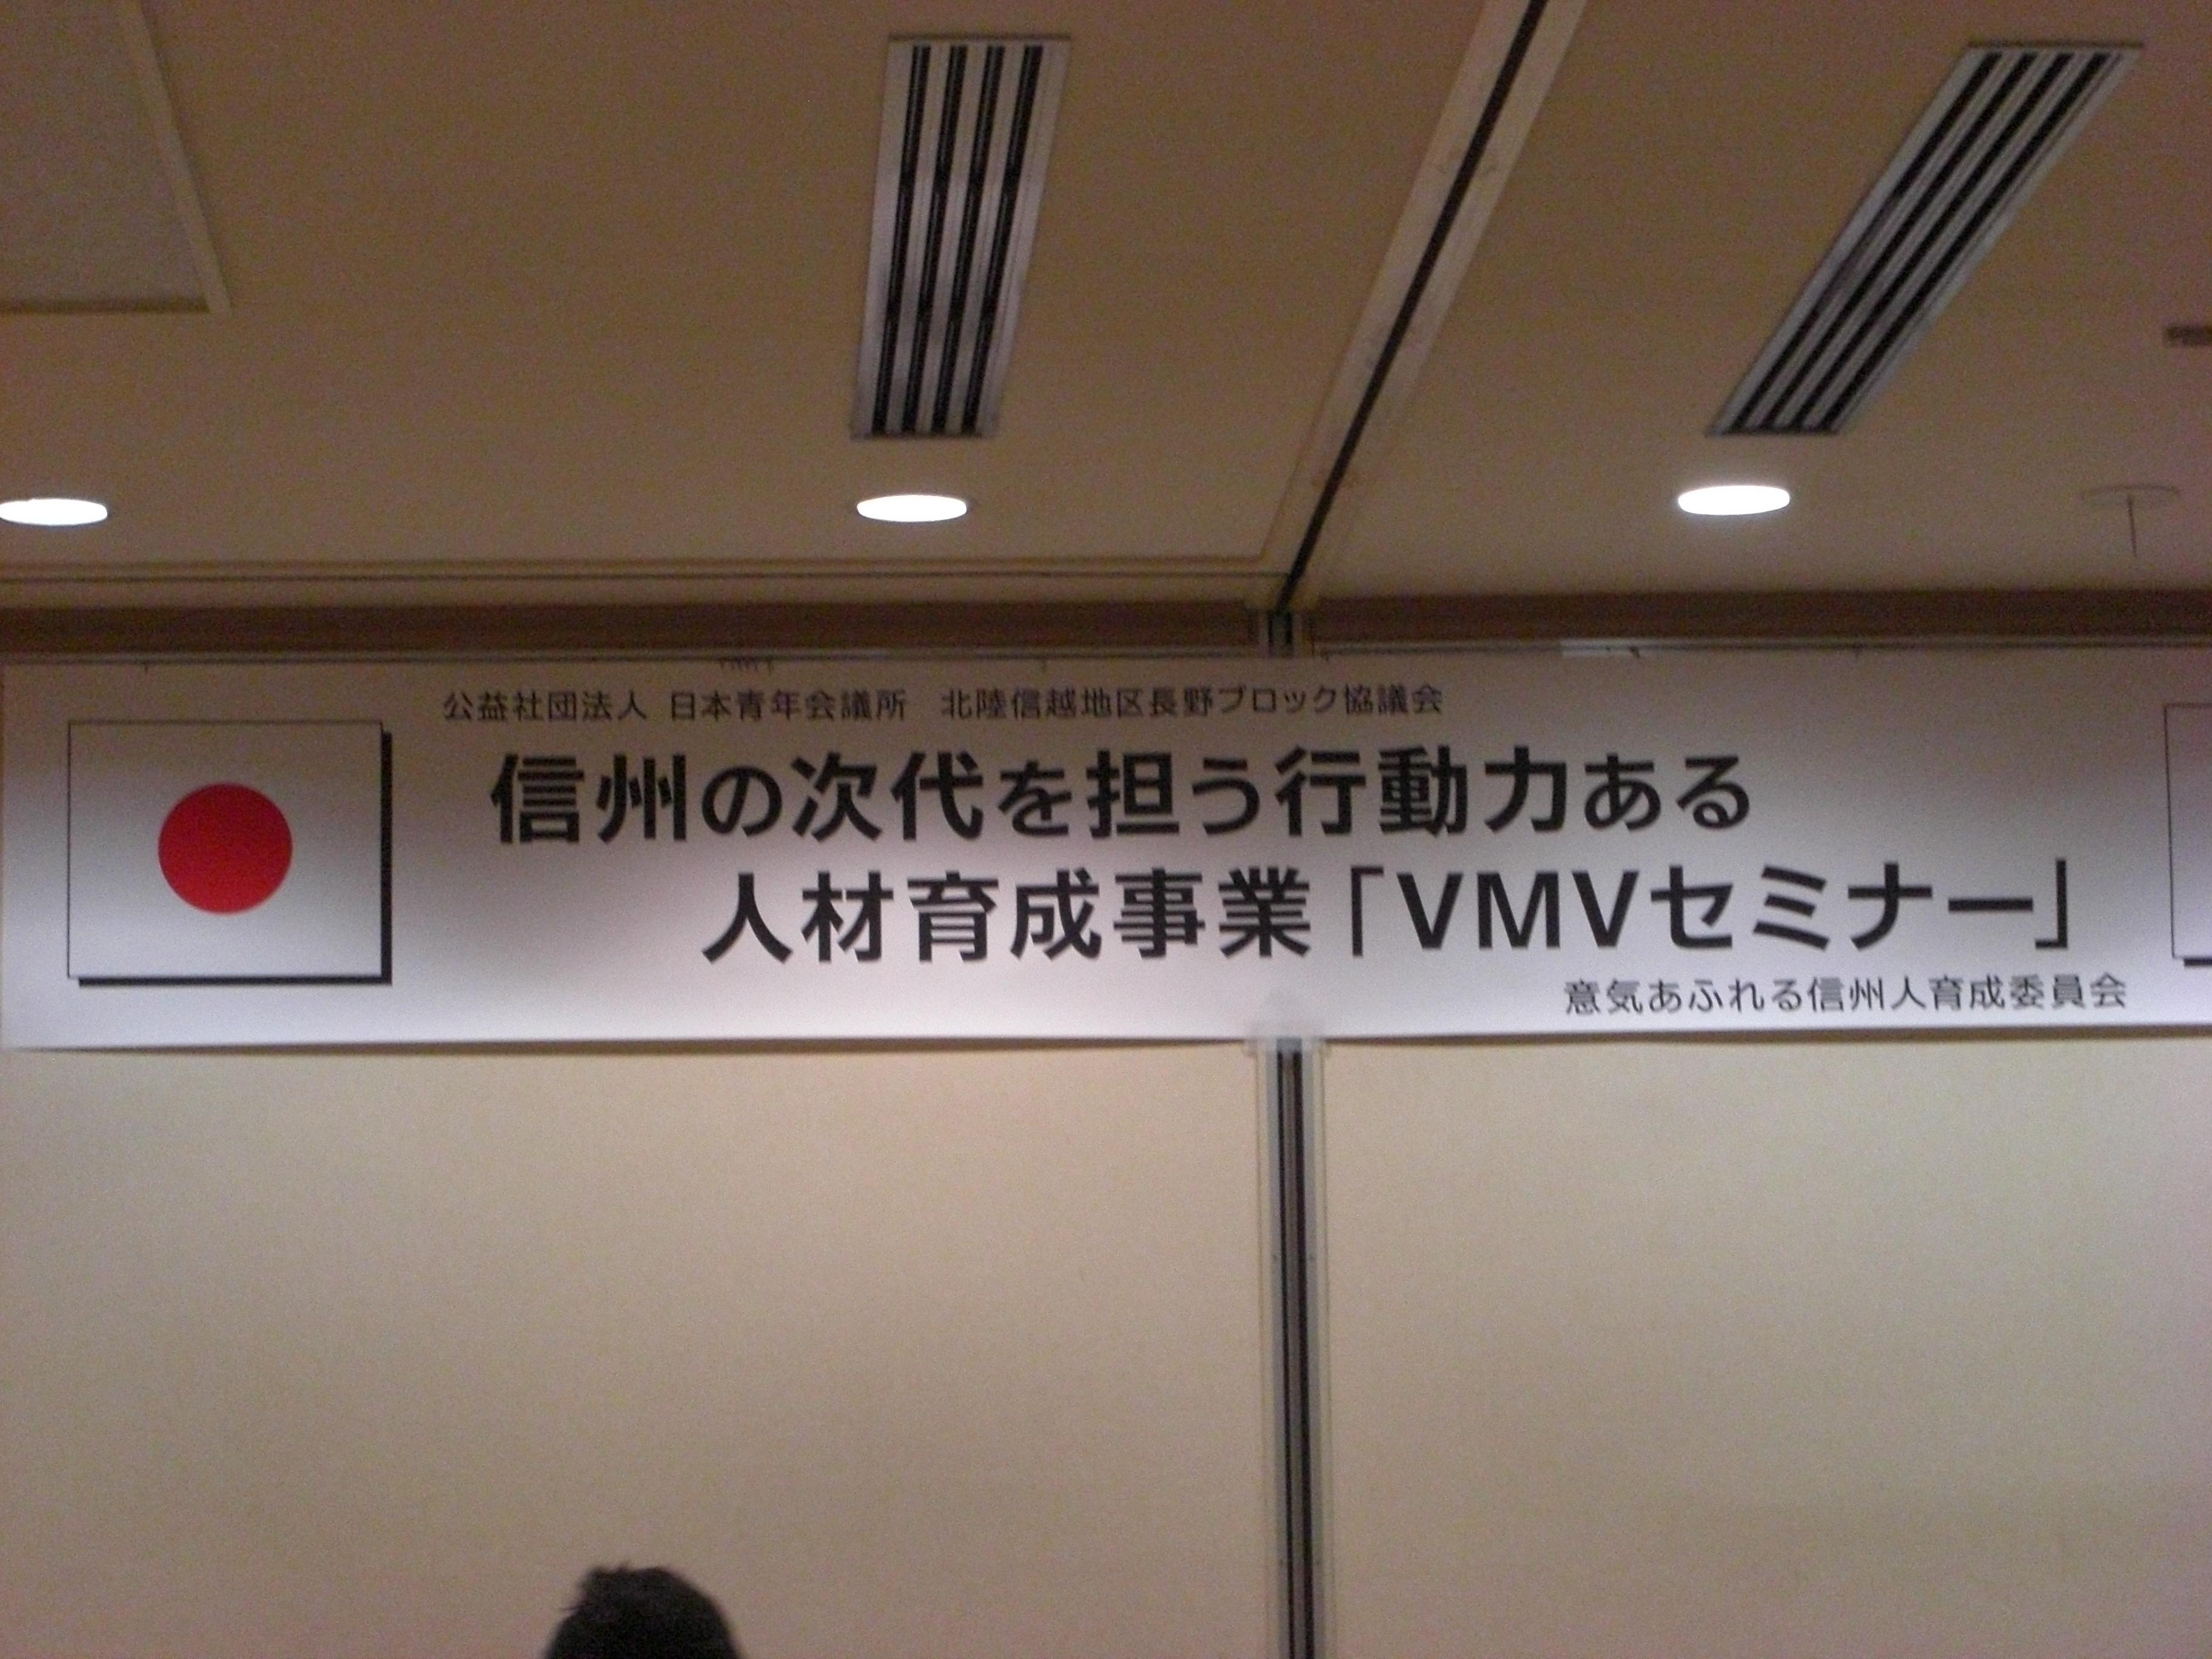 VMVセミナー開催